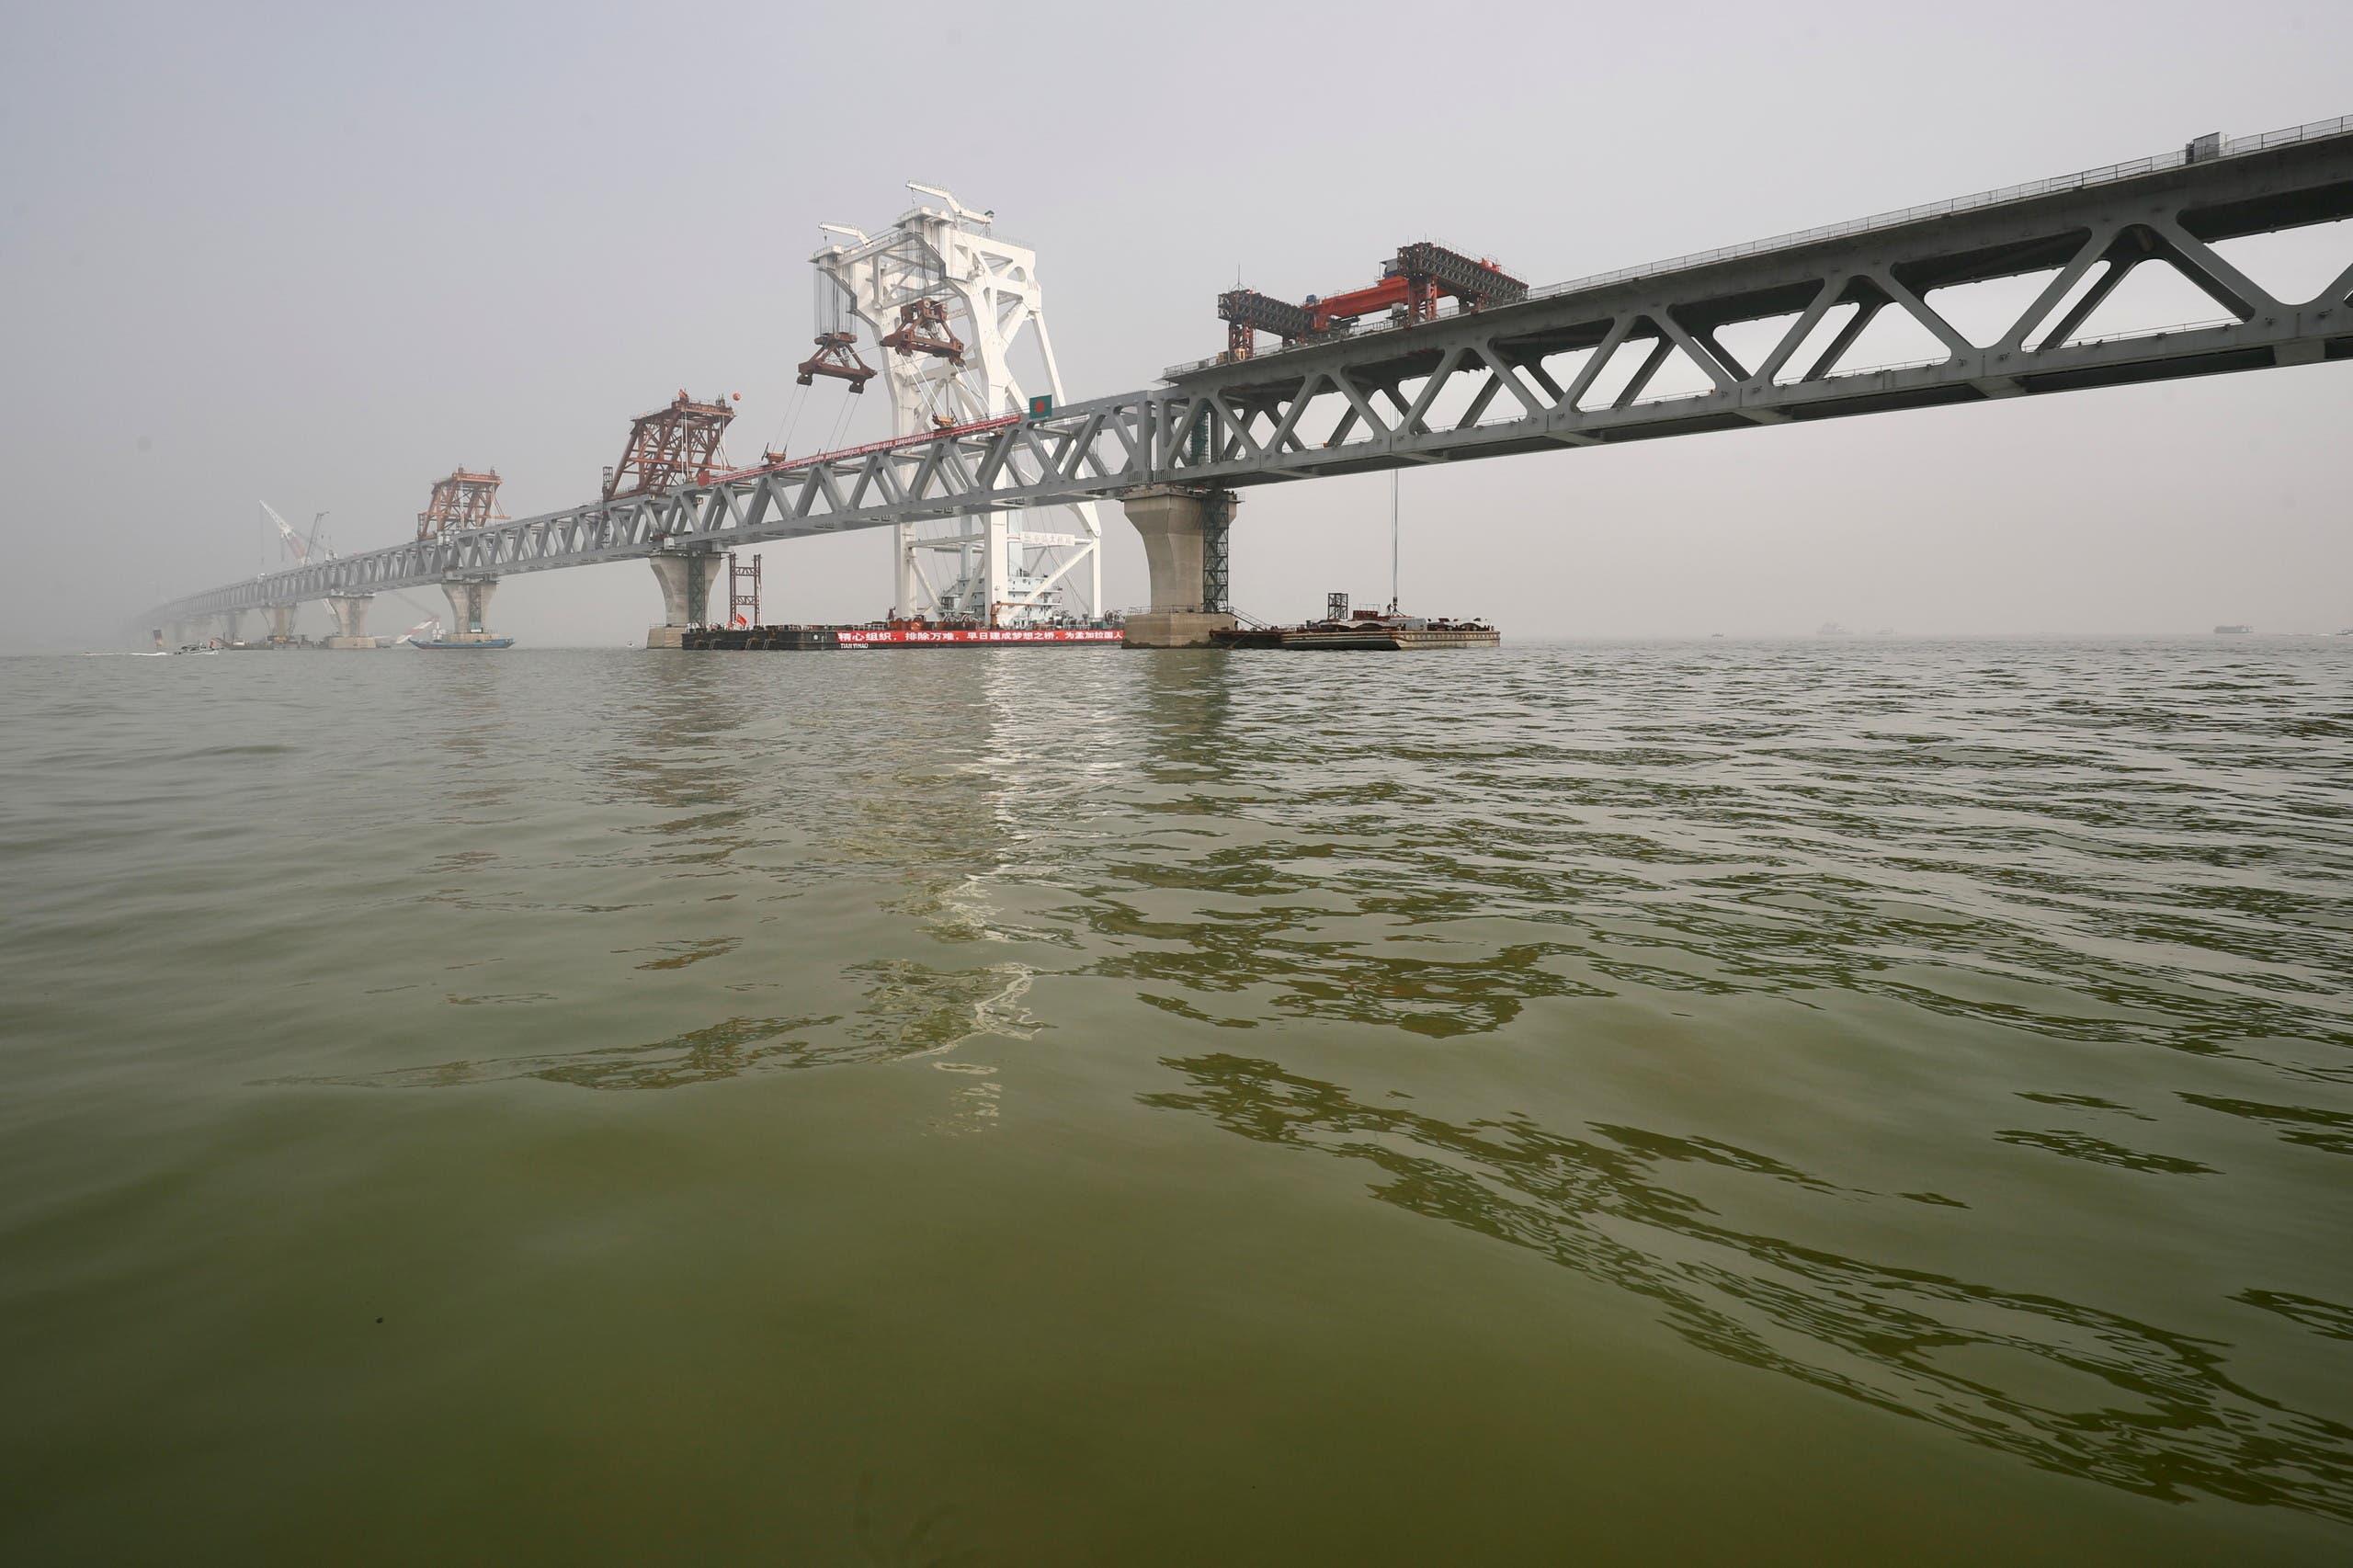 بناء جسر يربط ضفتي نهر بادما في ديسمبر الماضي